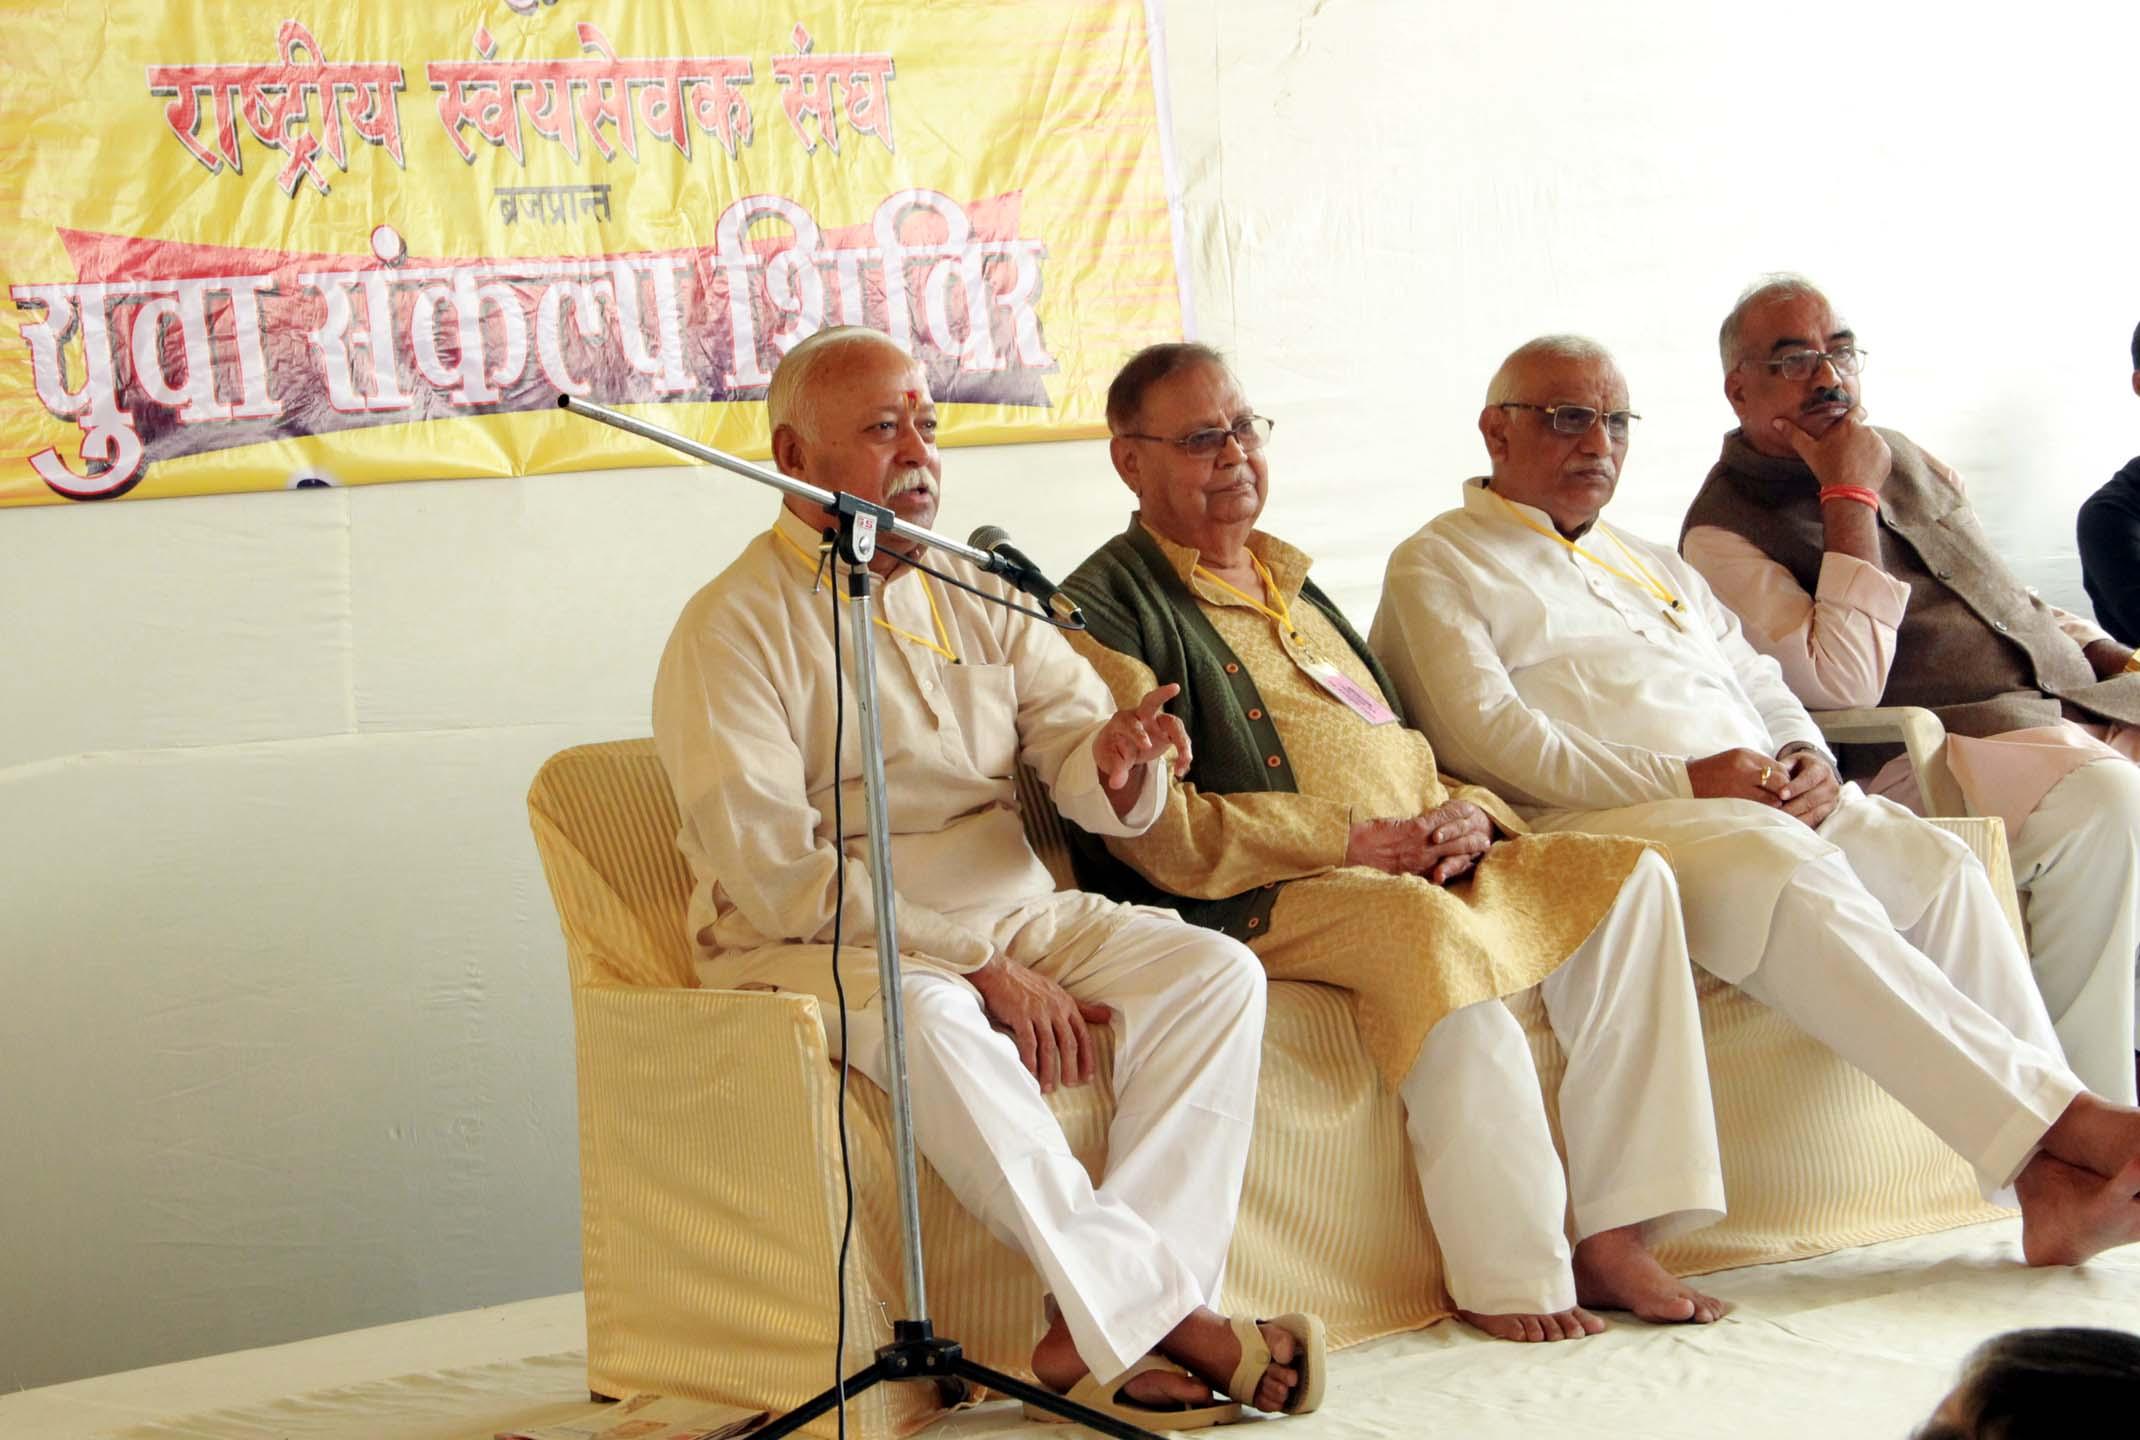 RSS Sarasanghachalak  Mohan Bhagwat at Yuva Sankalp Shivir